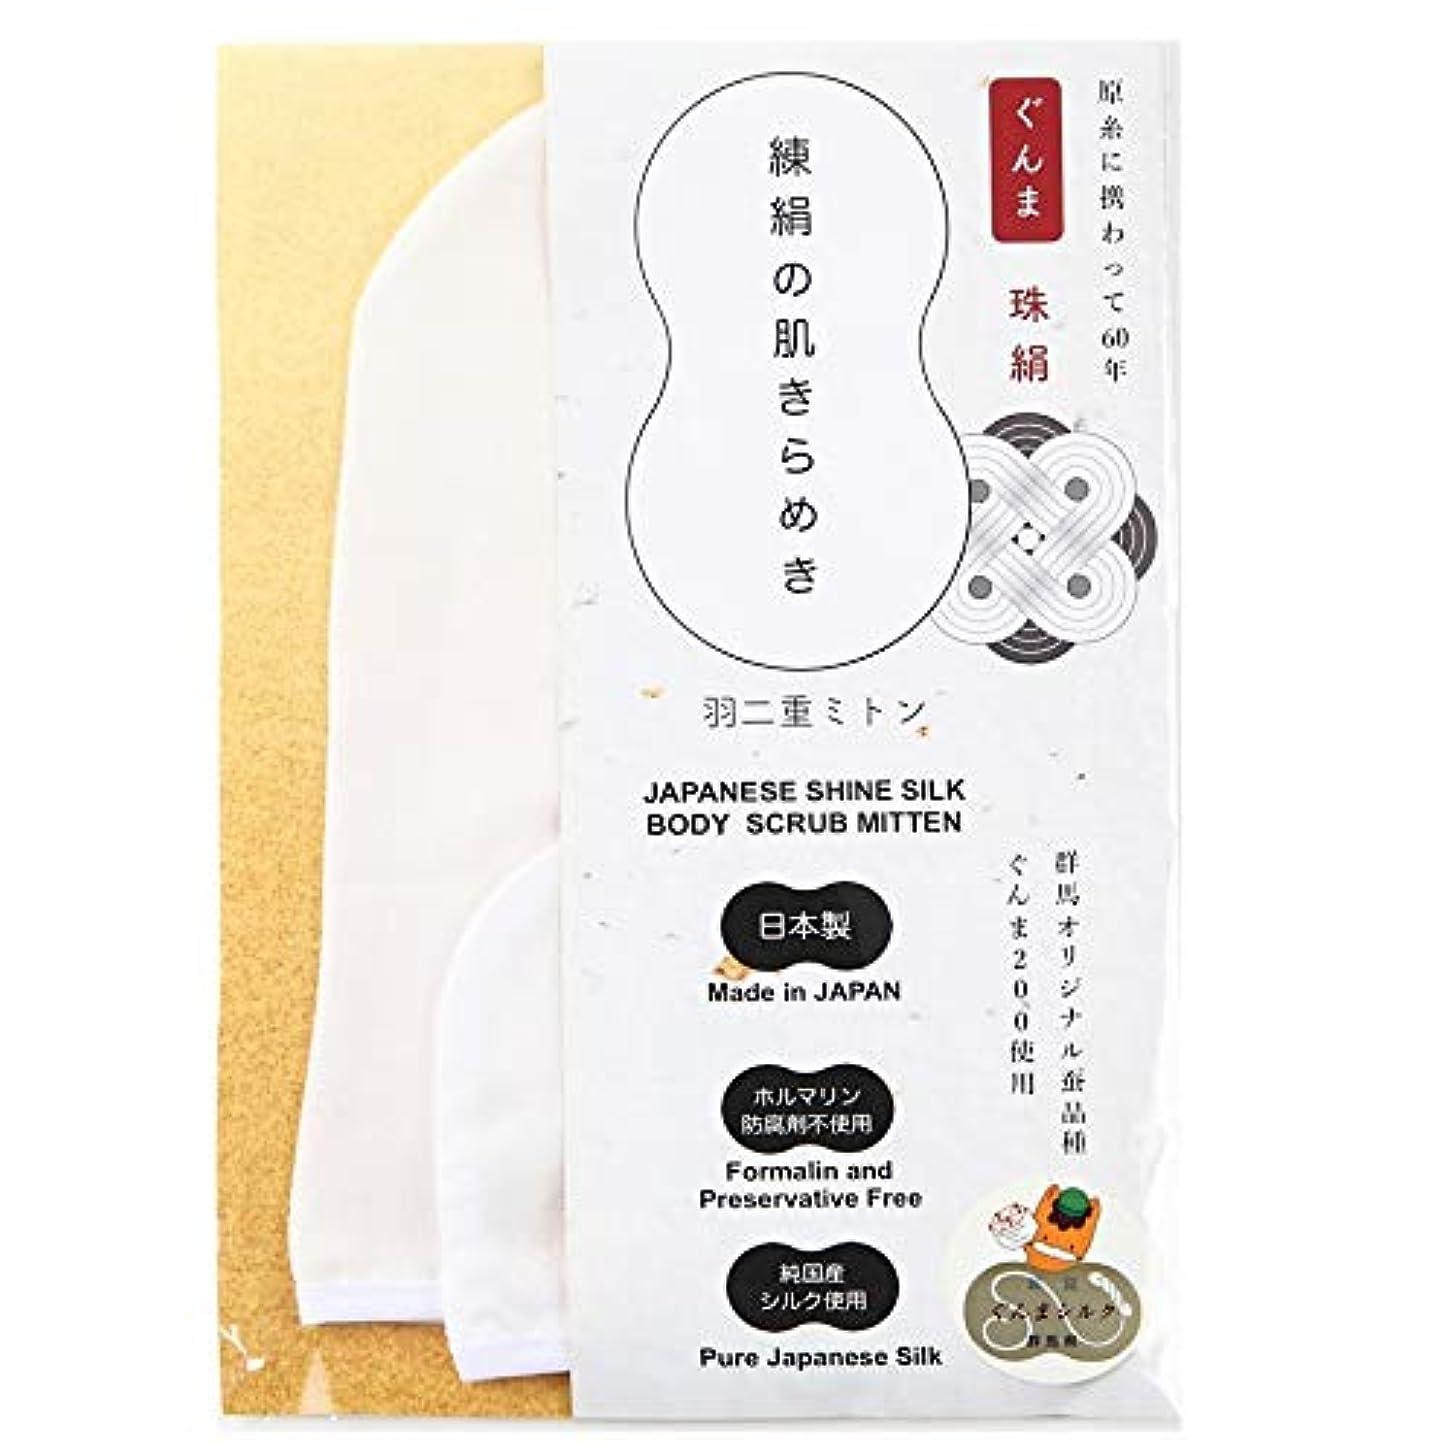 夜明けにマウント平らなくーる&ほっと シルクあかすりミトン 純国産絹100%「珠絹(たまぎぬ) 練絹の肌きらめき」ぐんまシルク (群馬県内で一貫製造) 日本製 シルクプロテイン?フィブロインの力で角質ケアボディスクラブミトン 大小セット 羽二重ミトン